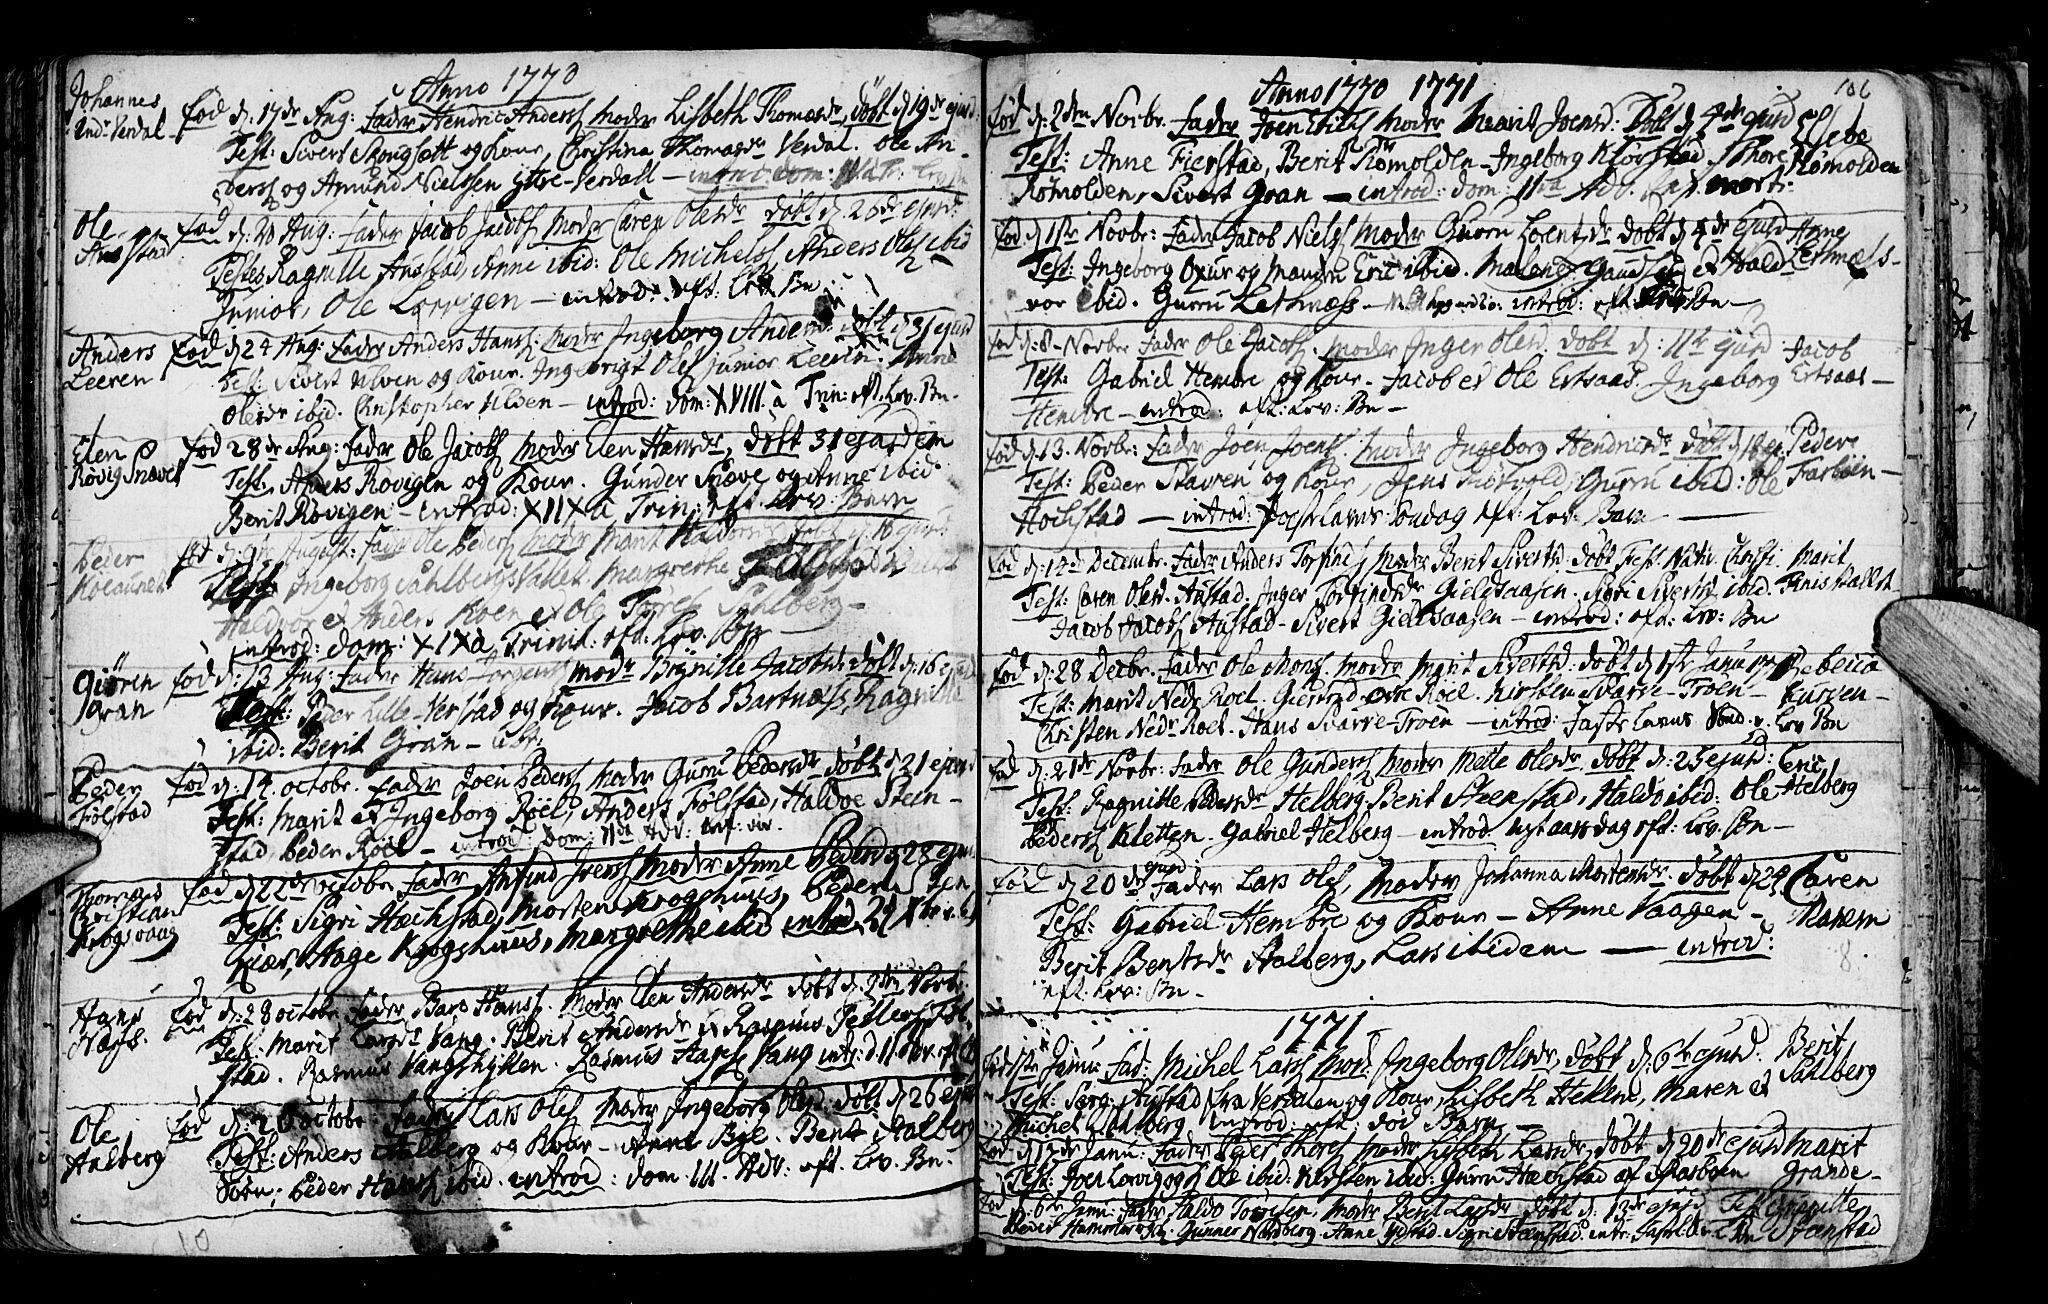 SAT, Ministerialprotokoller, klokkerbøker og fødselsregistre - Nord-Trøndelag, 730/L0273: Ministerialbok nr. 730A02, 1762-1802, s. 106